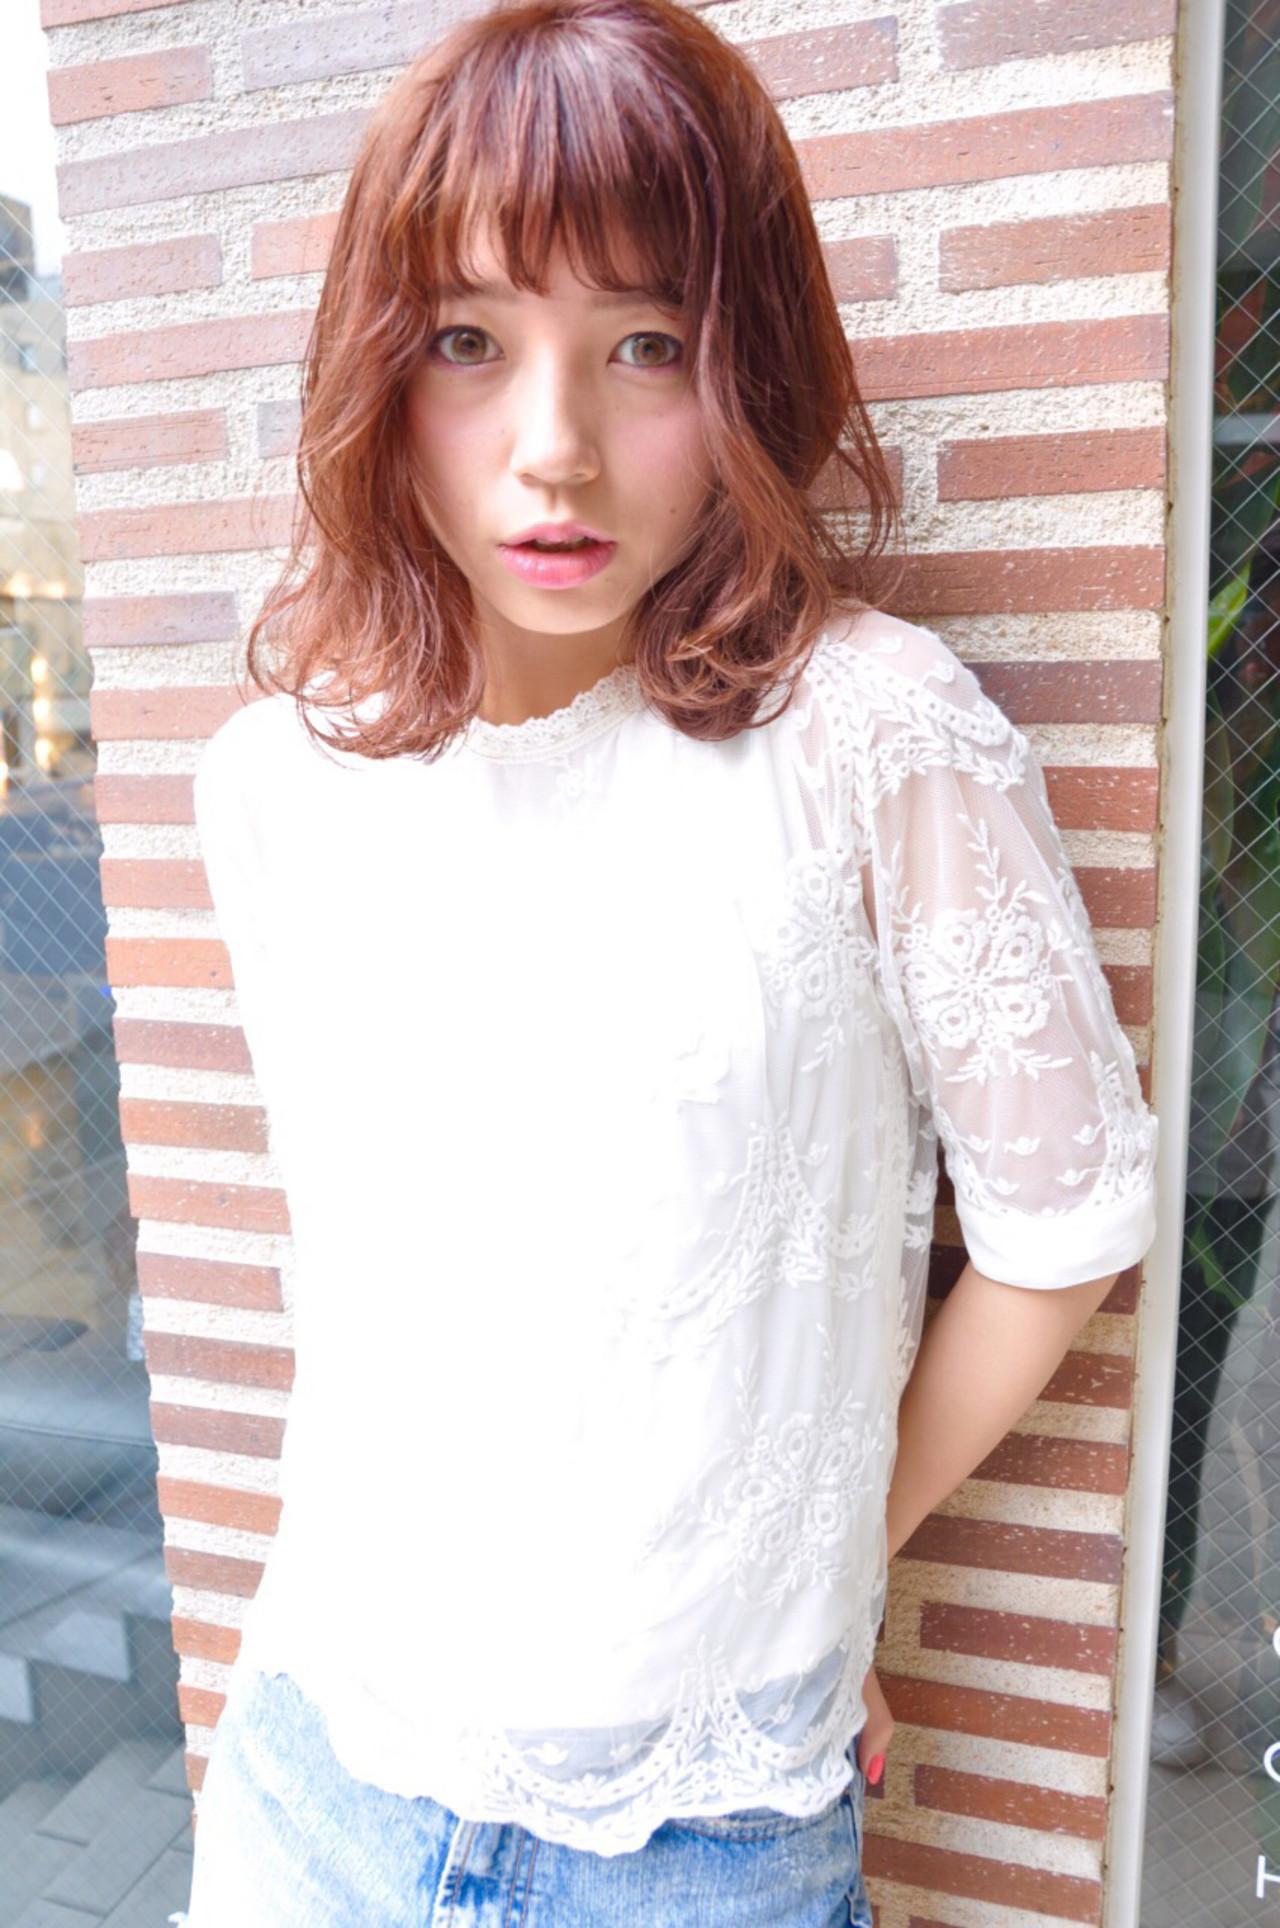 ストリート 簡単 ミディアム パーマ ヘアスタイルや髪型の写真・画像 | Ryota Yamamoto Daisy / Daisy